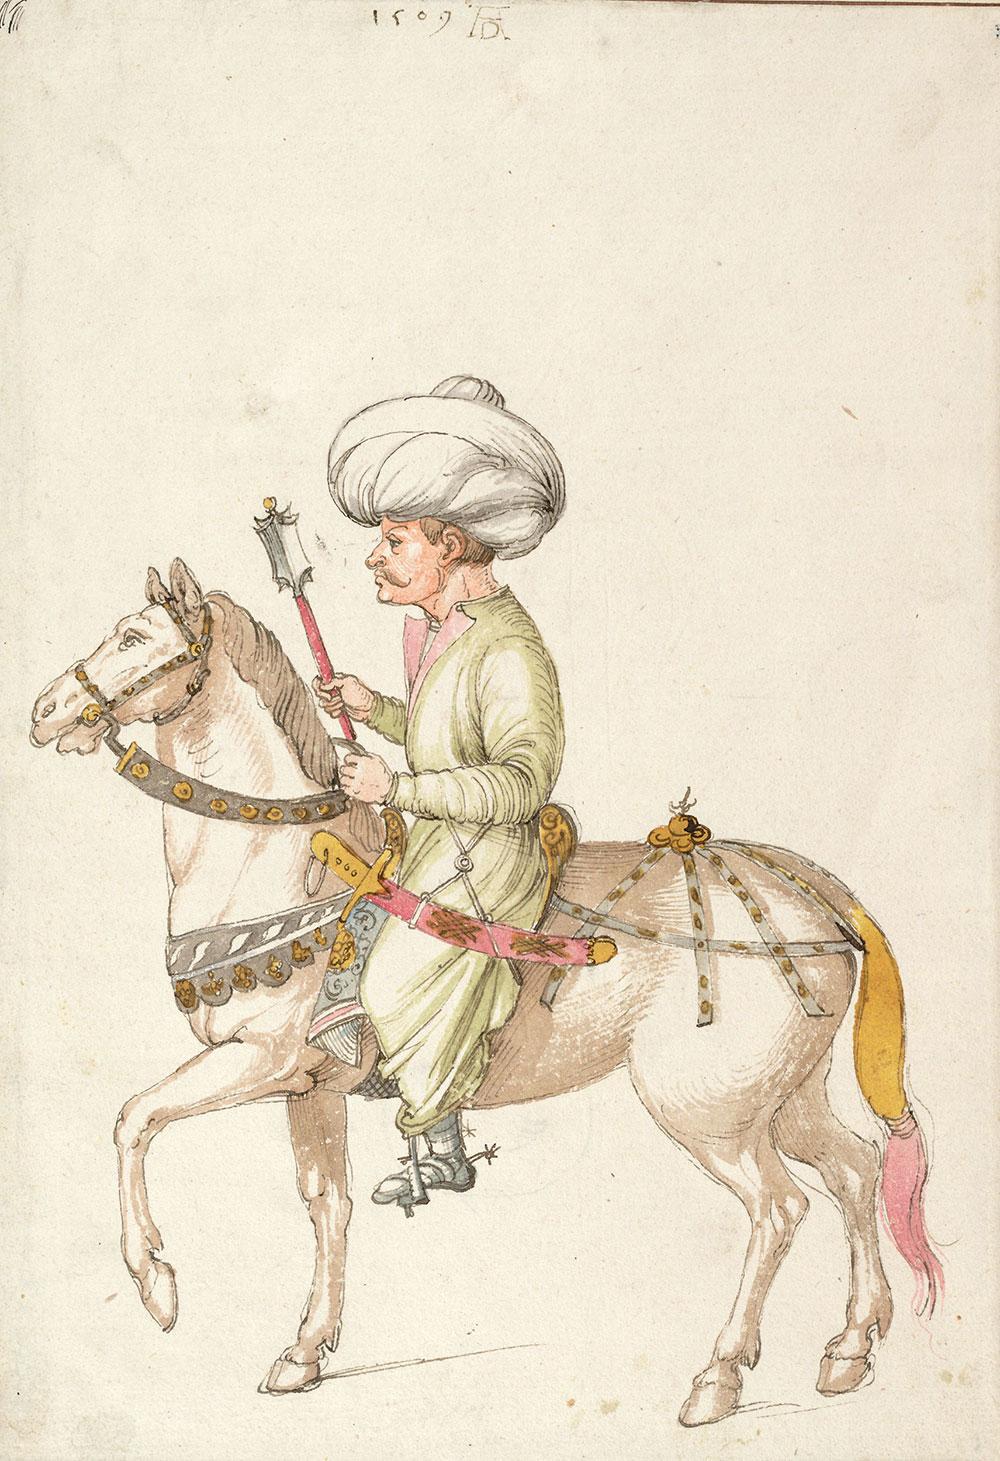 Albrecht Dürer, Ottoman Rider, The Sultan's World